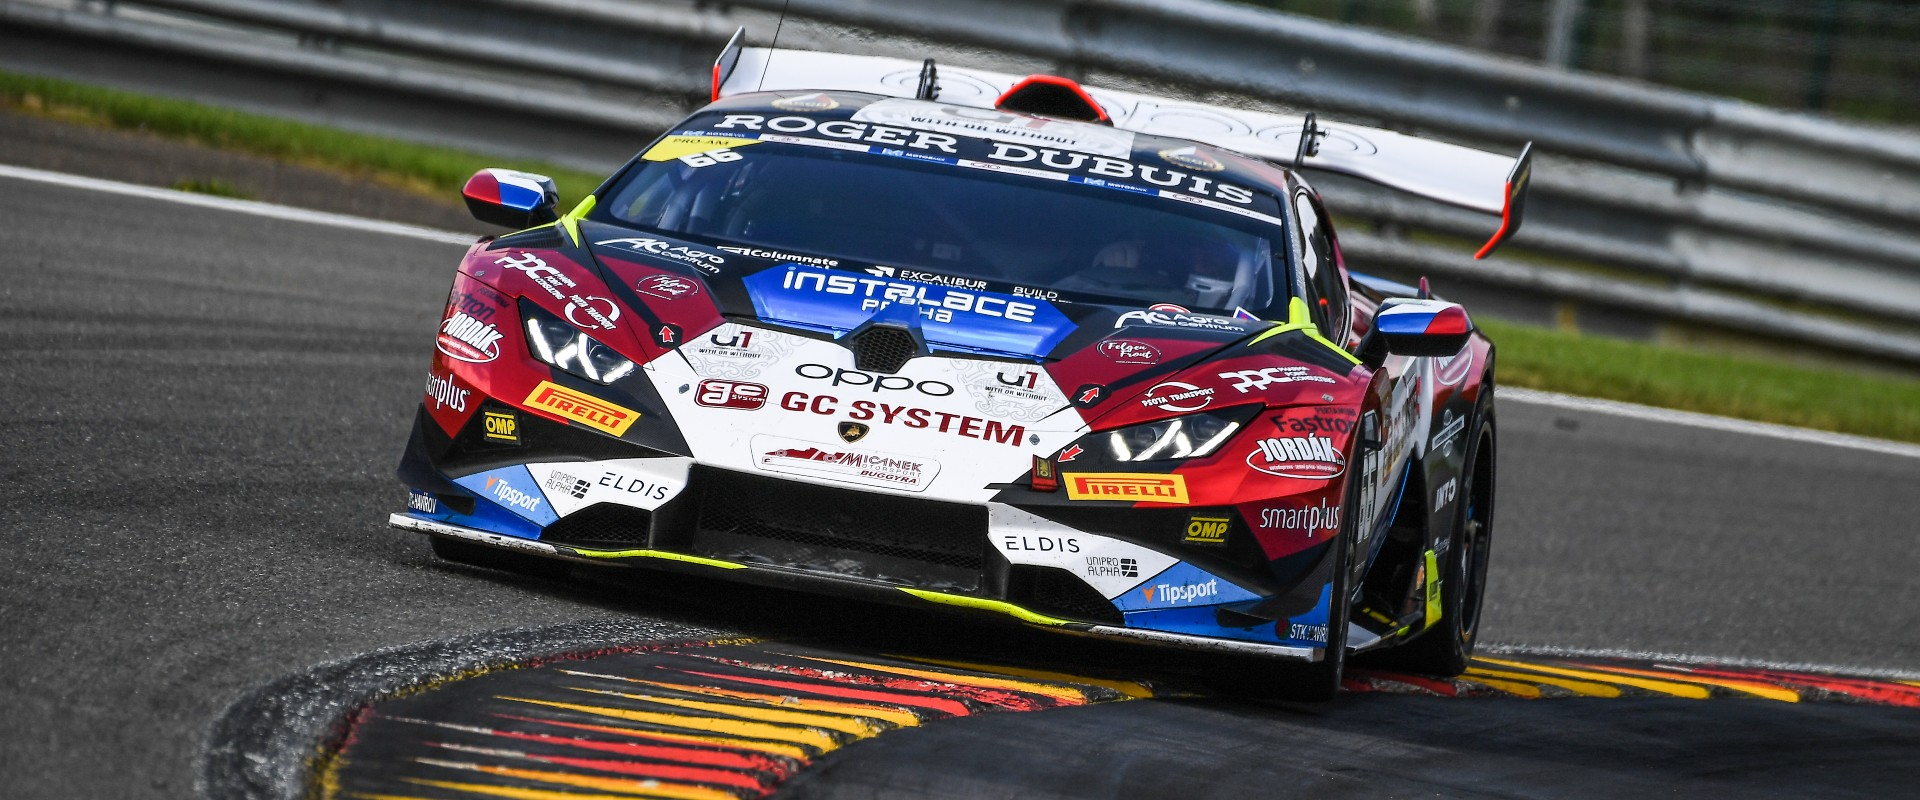 Padesát na padesát: Mičánek Motorsport powered by Buggyra jede ze Spa s dvěma podii a dvěma nedokončenými závody